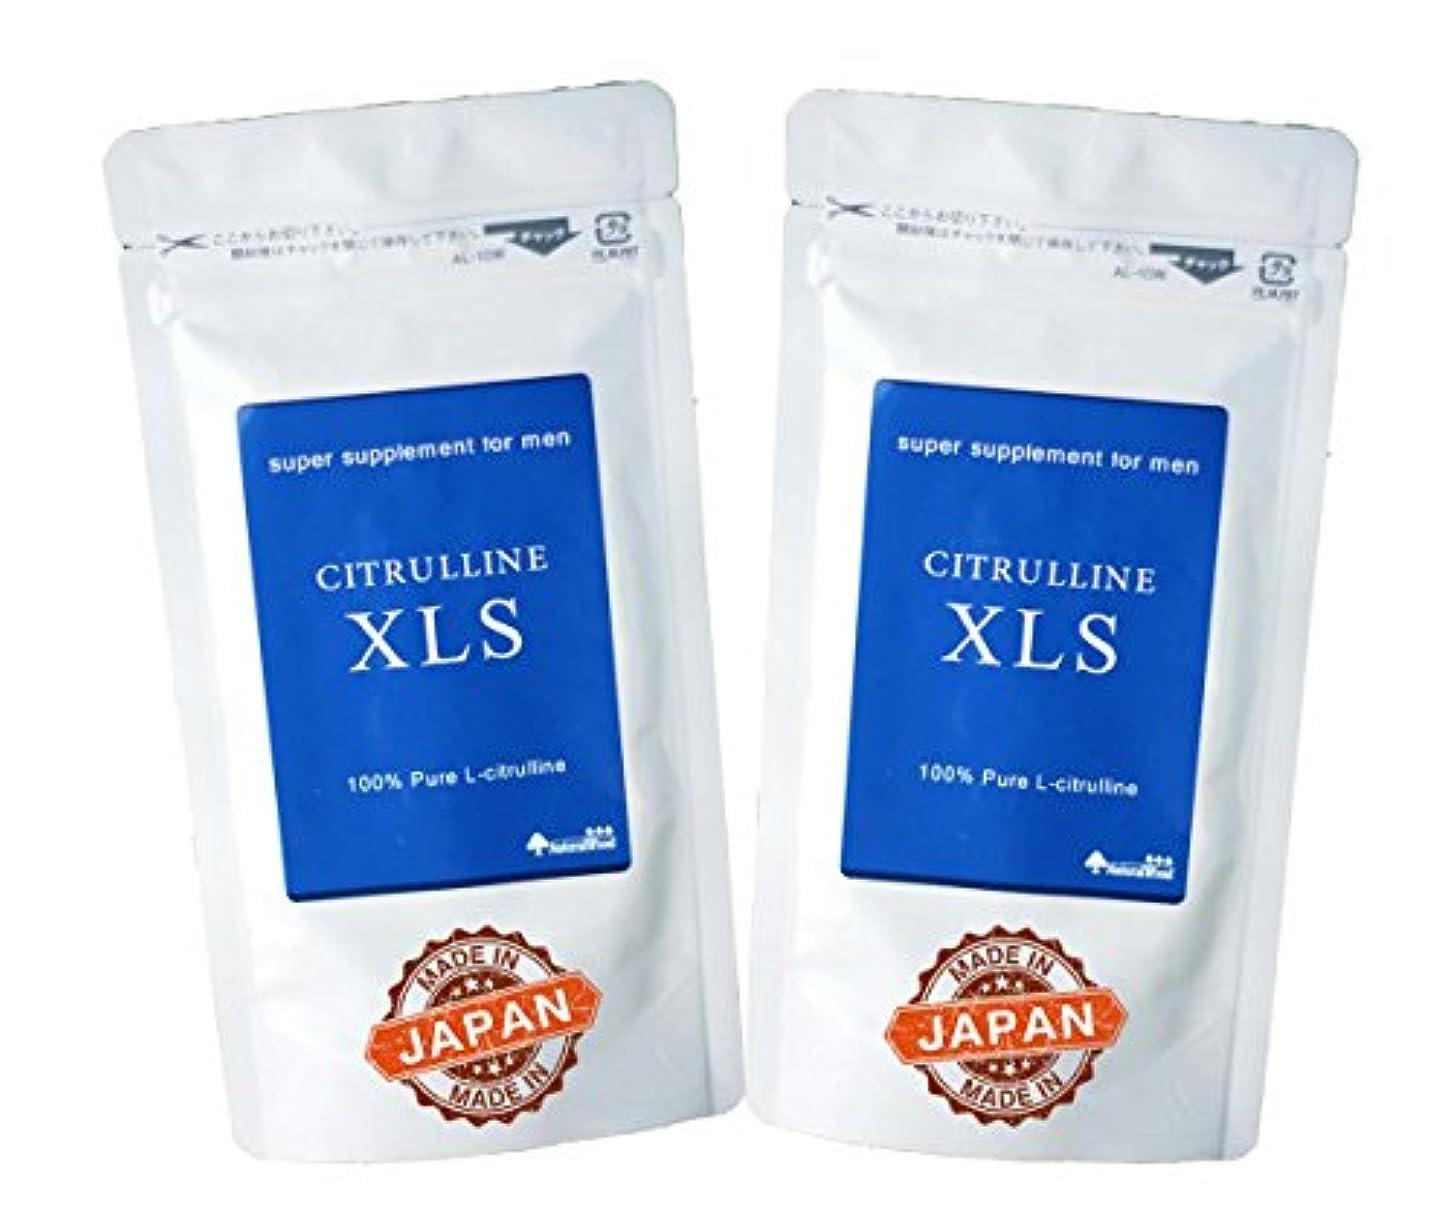 冷える異邦人現在[めぐり]の良い体を求める「 L - シトルリン XL S」男性用サプリ (60日用)